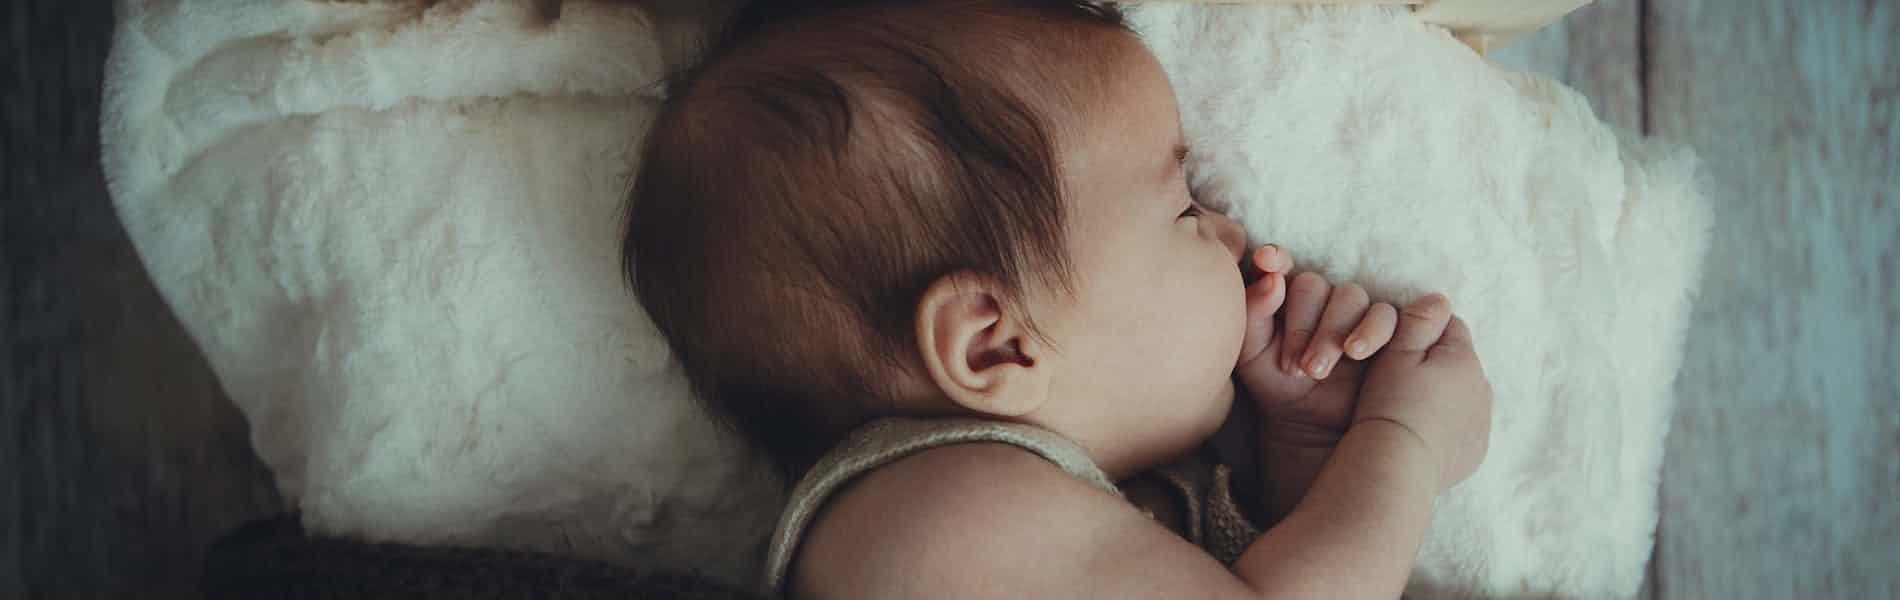 שינה של תינוקות ופעוטות - הגוף והנפש: מדריך מעשי